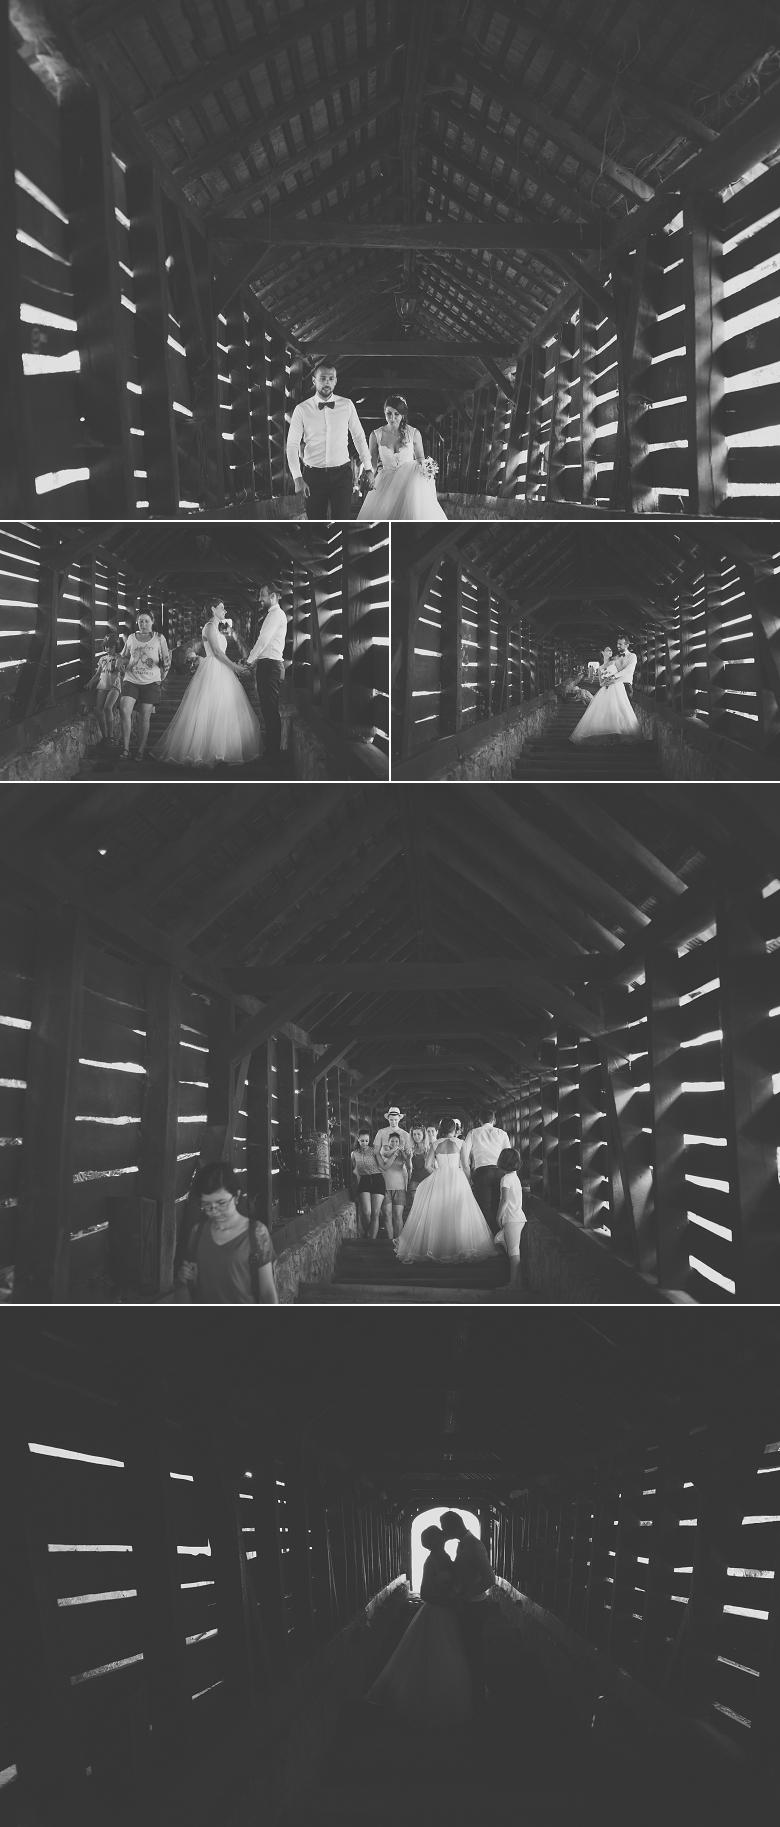 after_wedding_sighisoara_poze_nunta_sighisoara_fotografii_sighisoara_fotograf_nunta_sighisoara 2